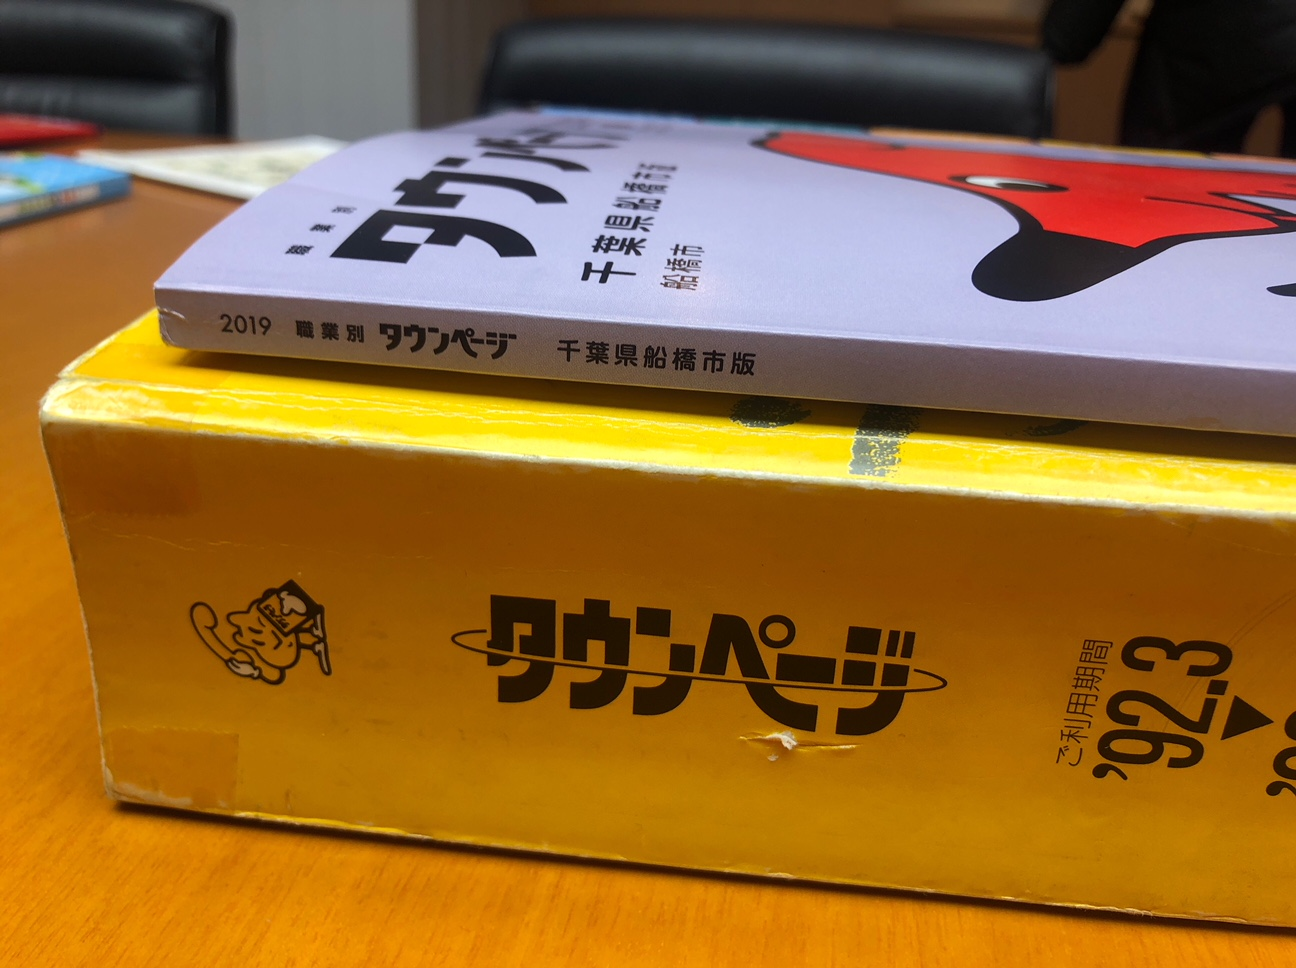 タウンページ 商品・サービス|NTTタウンページ